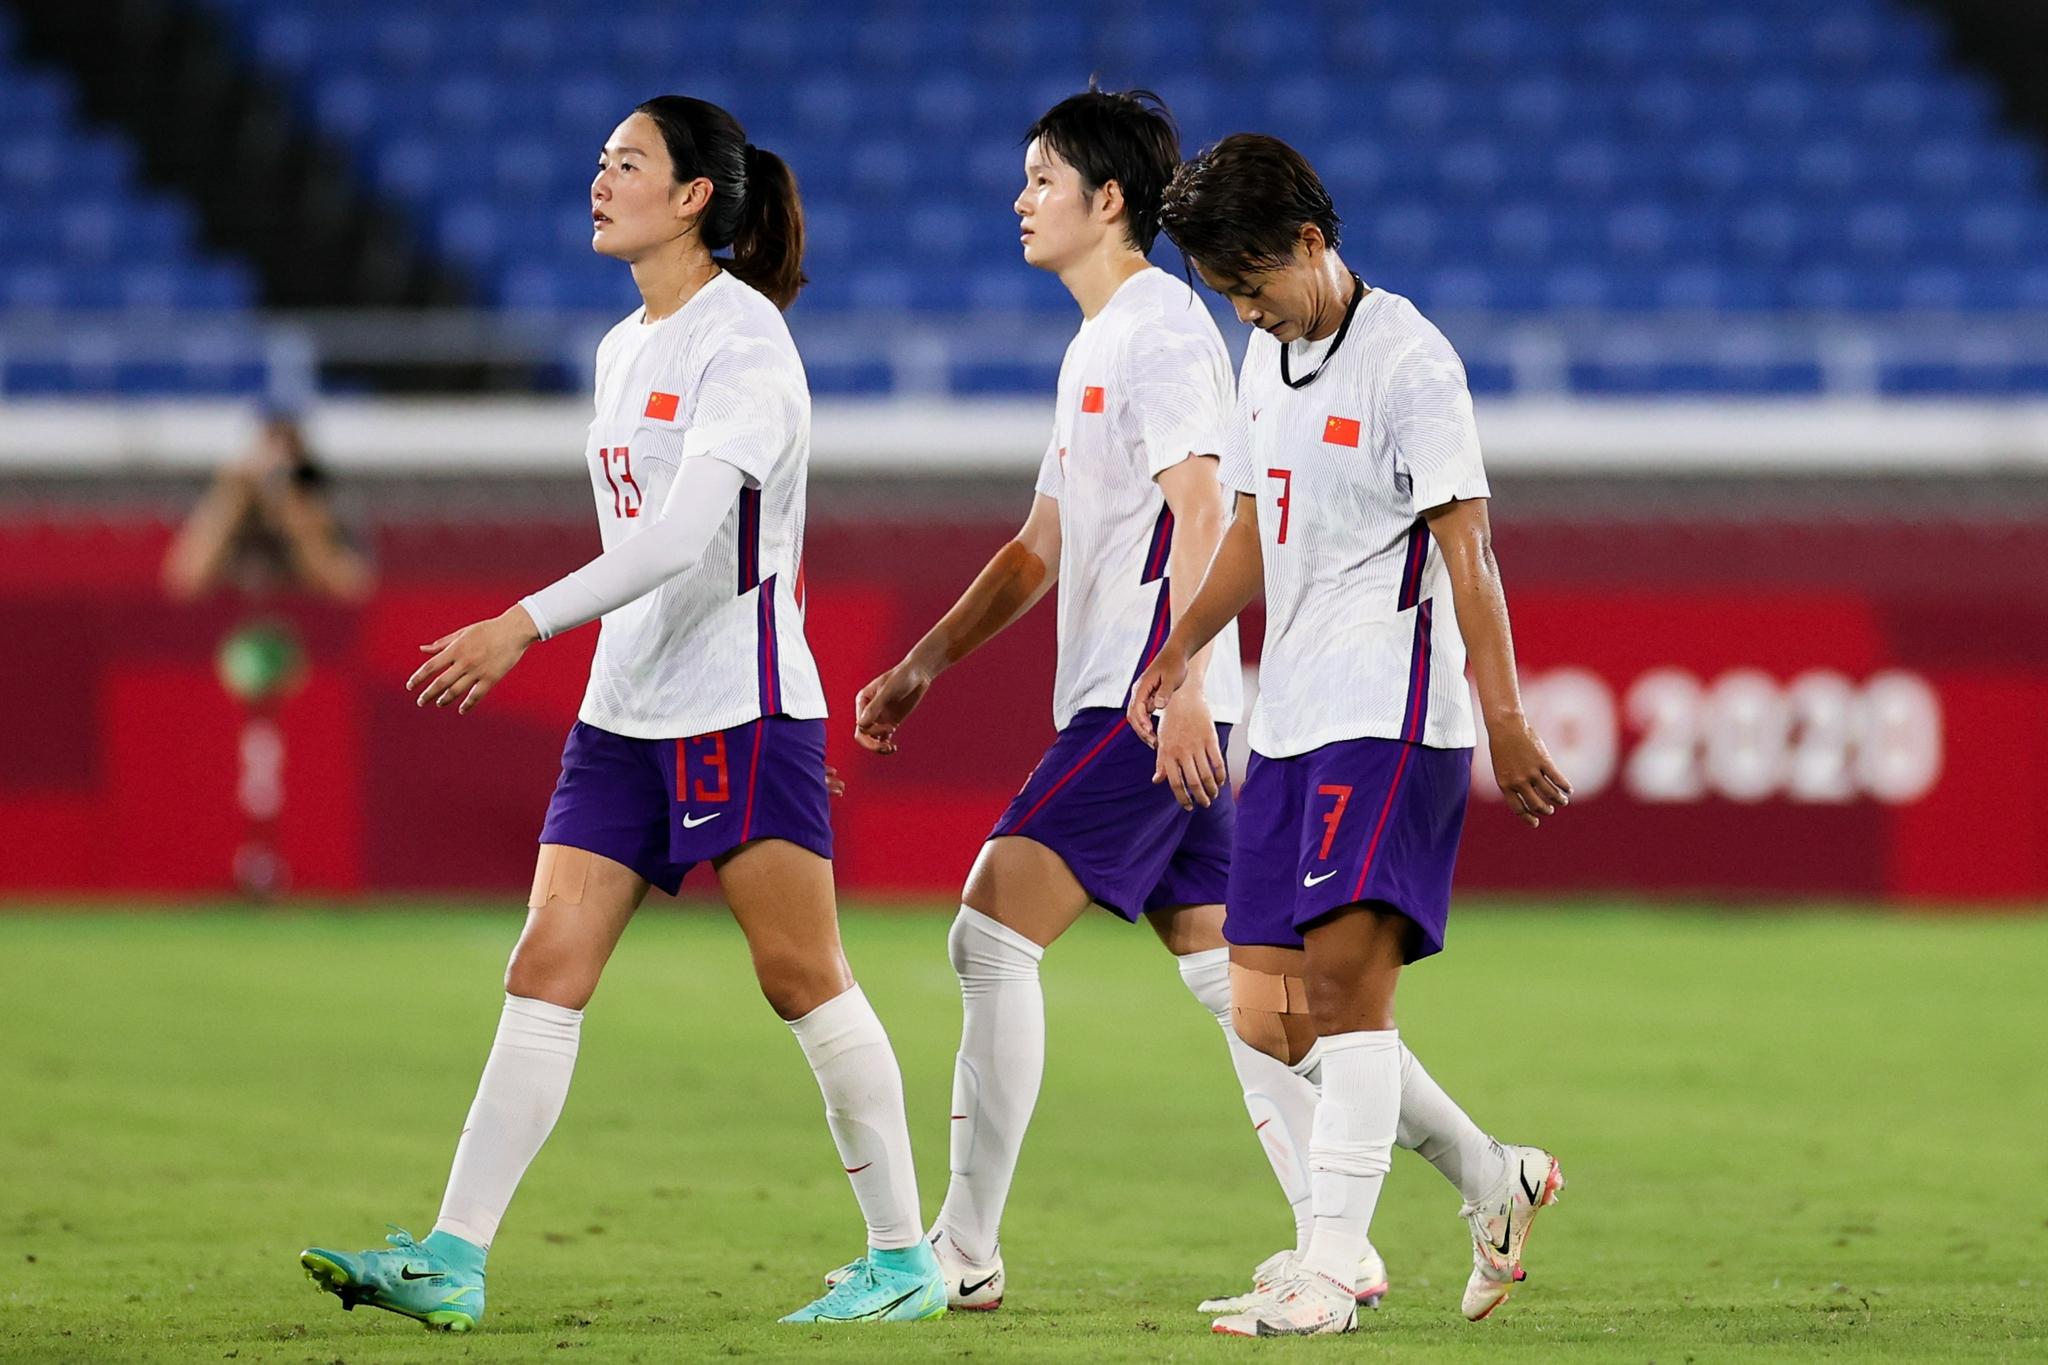 媒体:别再浪费姑娘们的青春 谁能为中国女足未来负责?